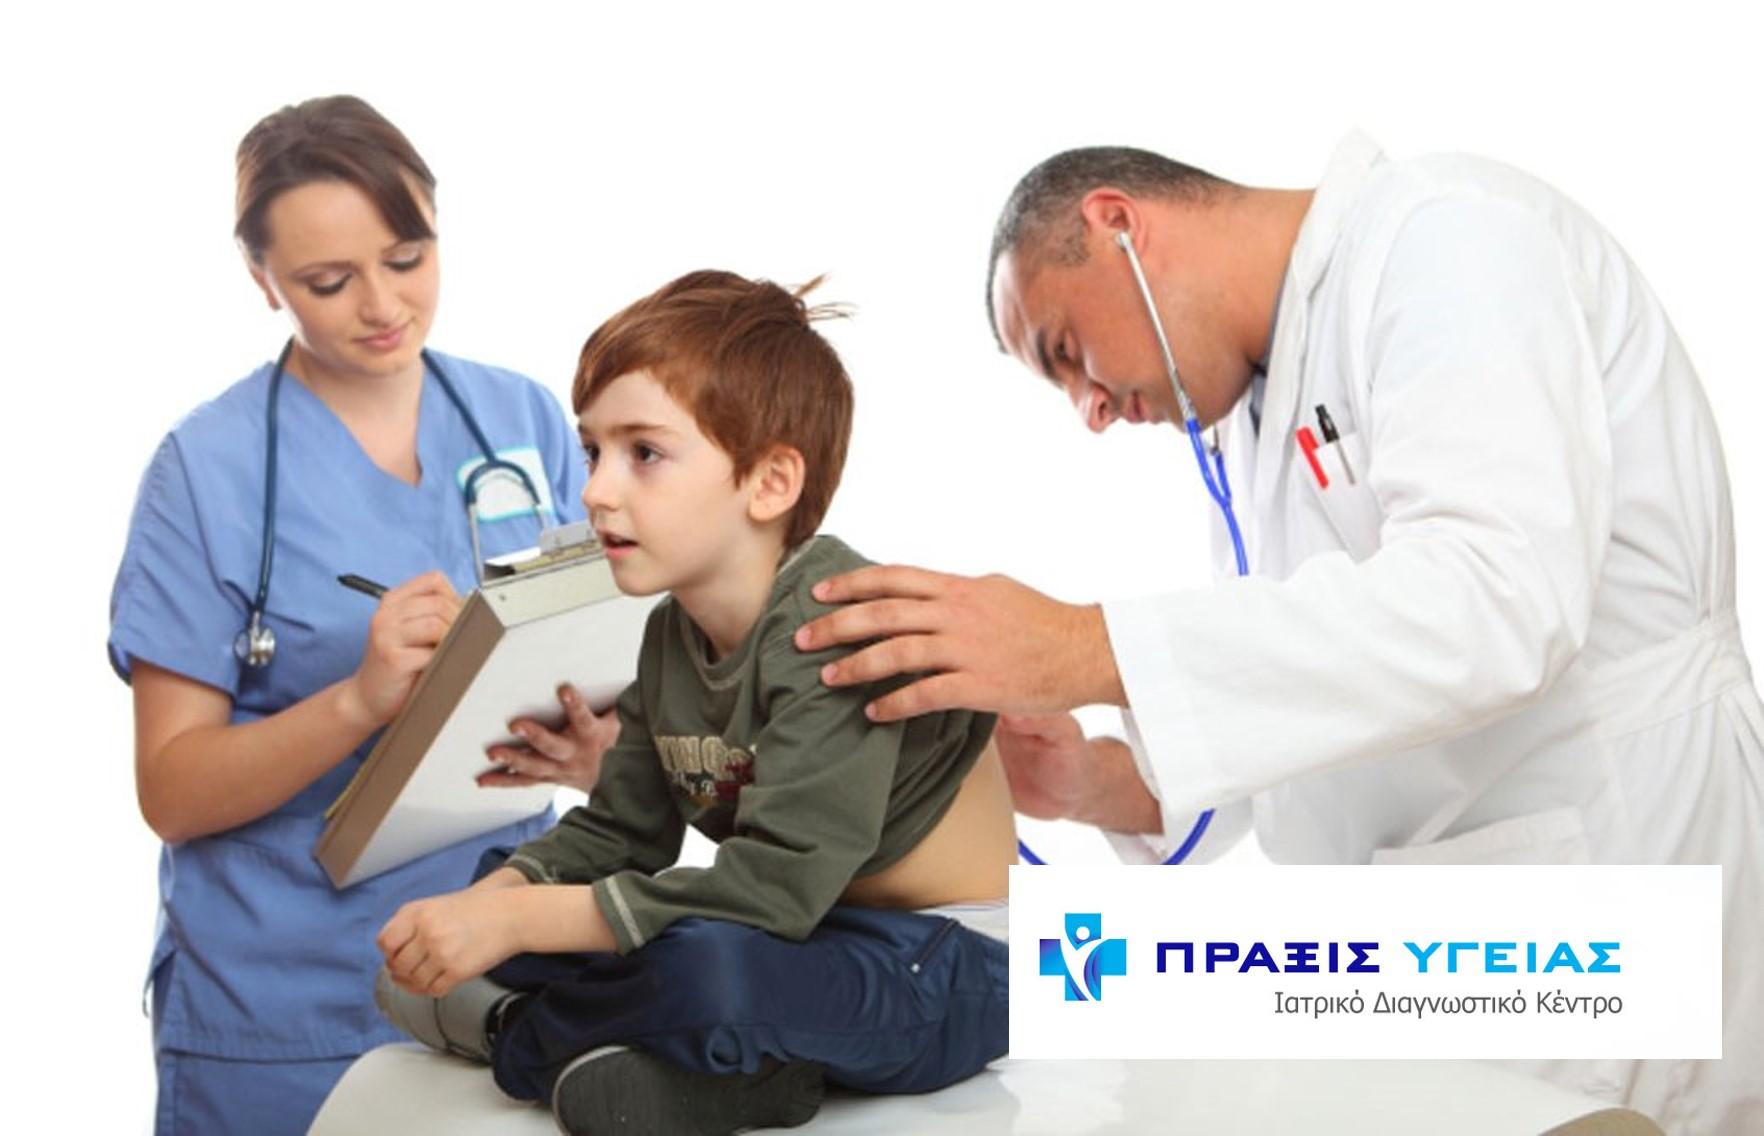 25€ από 60€ για Παιδιατρική εξέταση και Εμβολιασμό από παιδίατρο, στο υπερσύχρονο ιατρικό κέντρο ''ΠΡΑΞΙΣ ΥΓΕΙΑΣ'' στο Χαλάνδρι